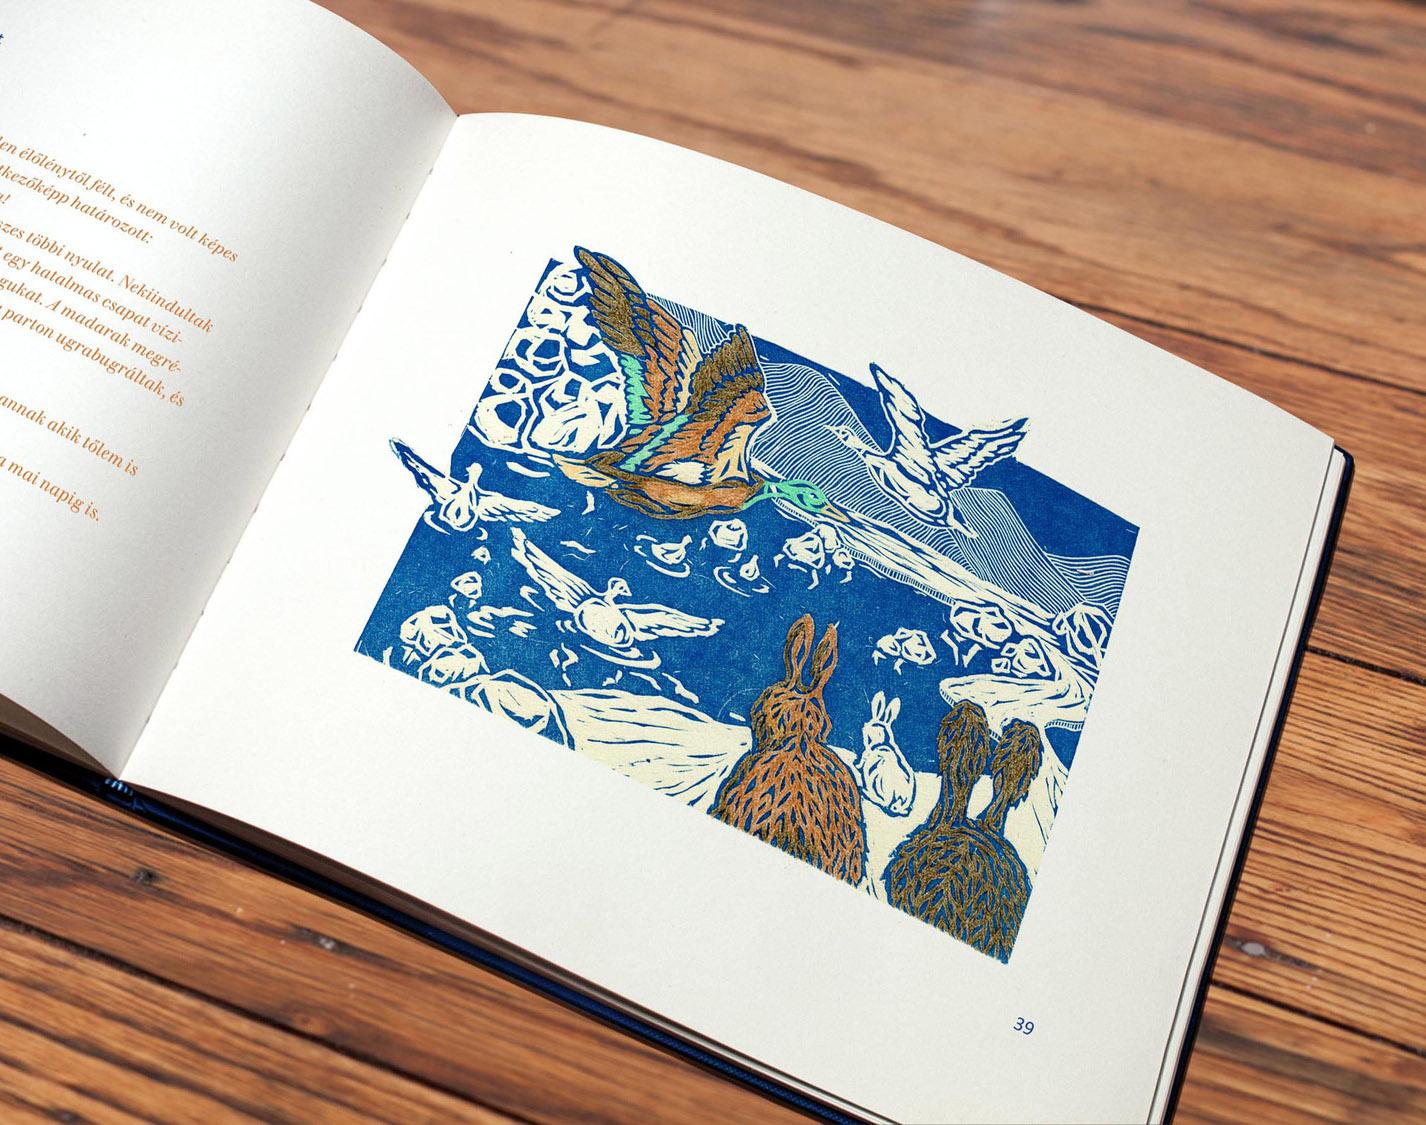 Kövi+Krisztina+-+Suomalaisia+kansansatuja+-+Finnish+Folk+Tales+06.jpg